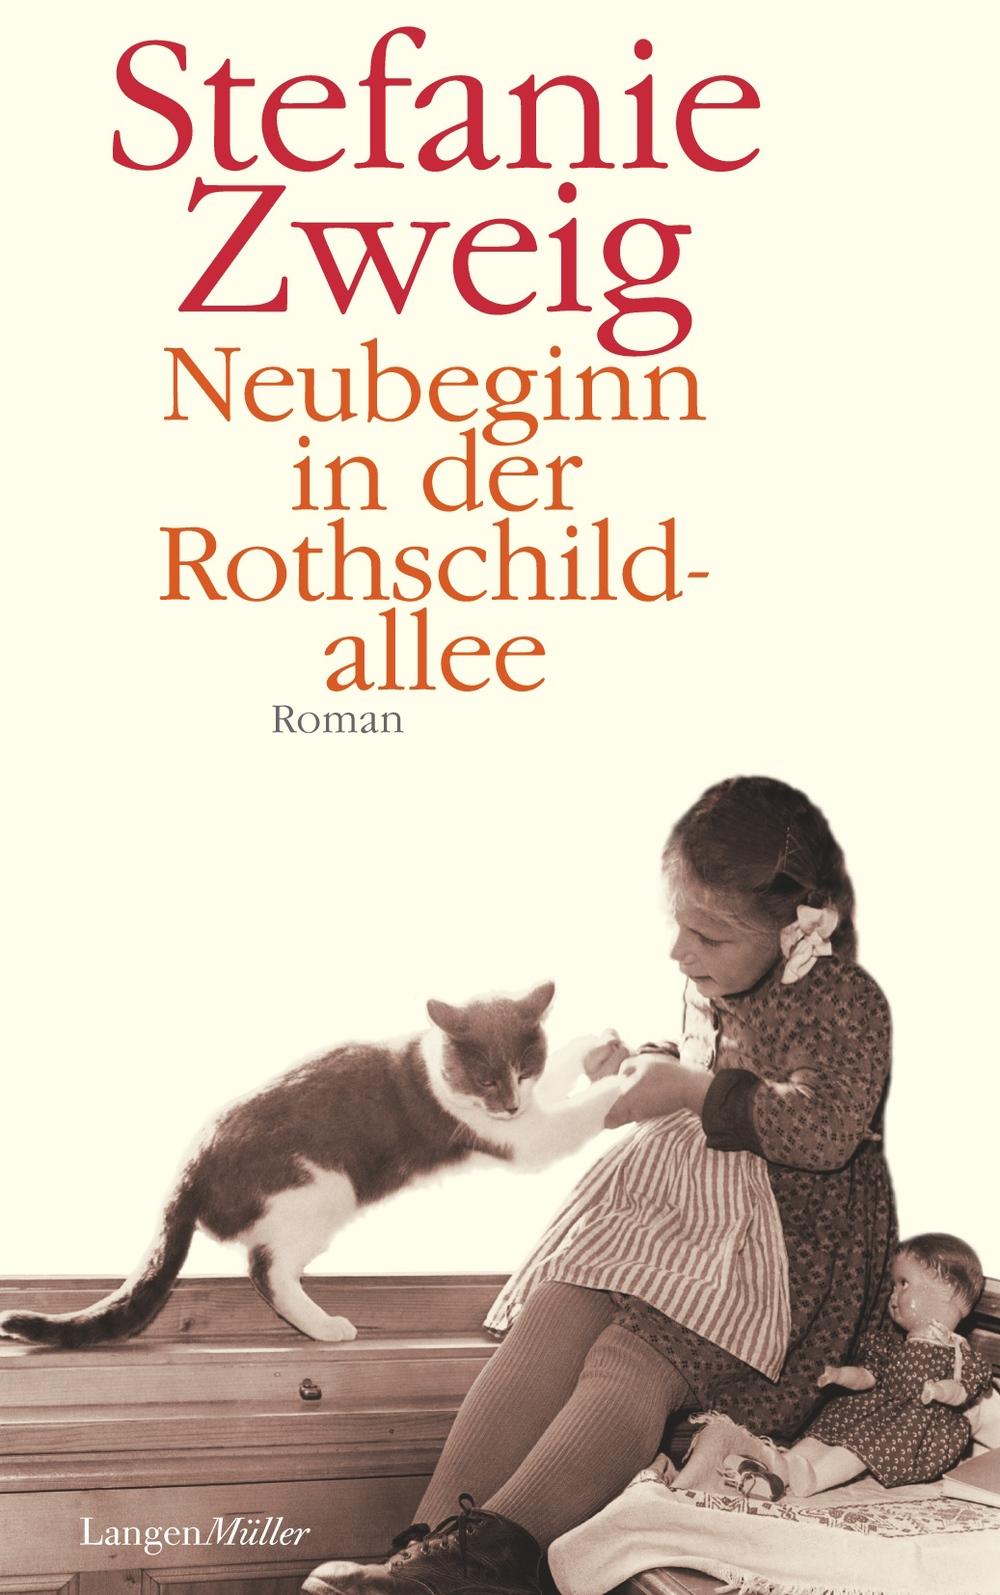 Stefanie Zweig a new beginning on rothschild street german.jpg